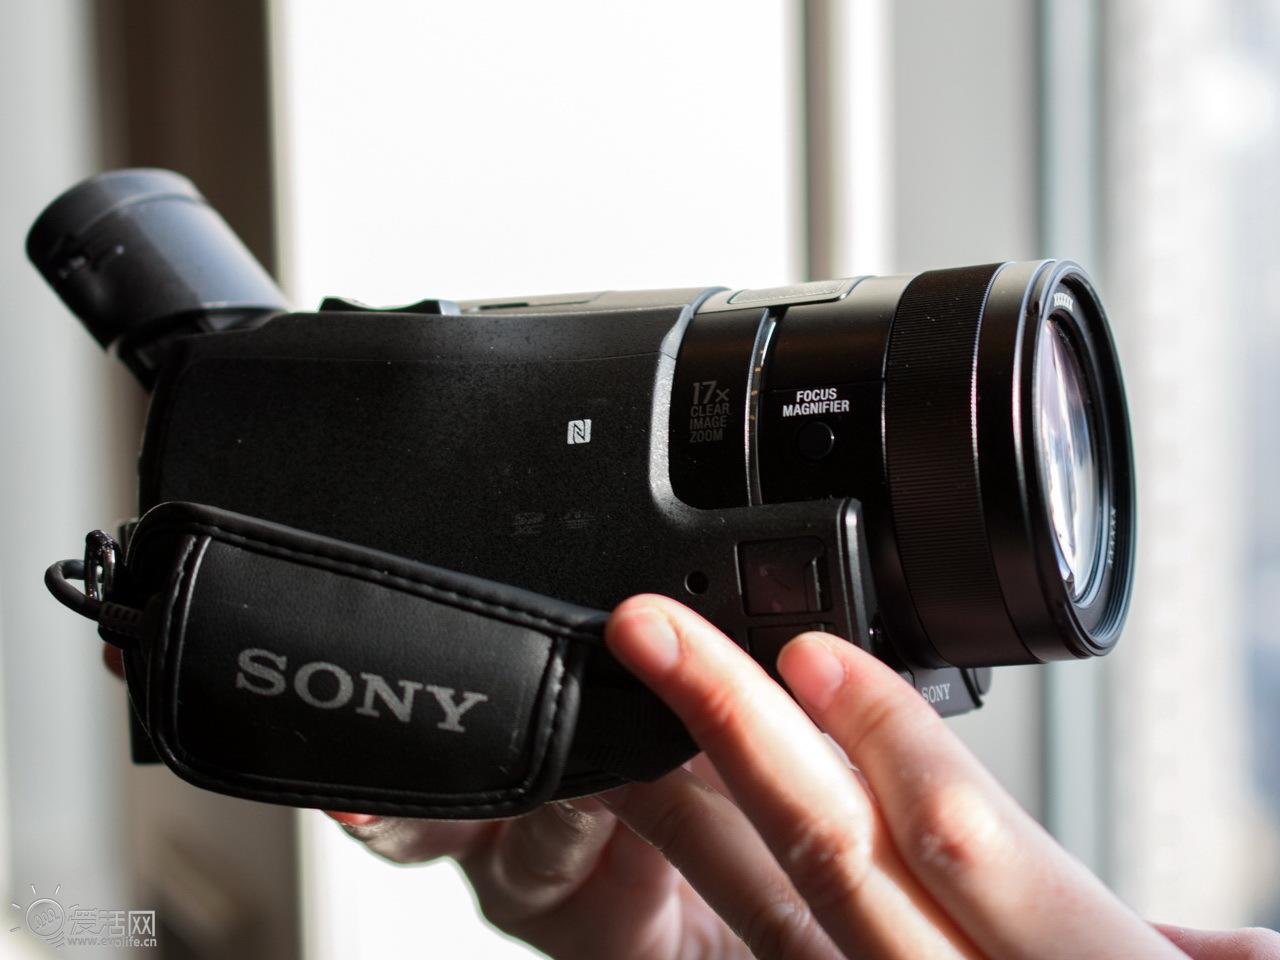 摄像机图标索尼FX3视频为4k120p定价3万元性价比超越a7s3